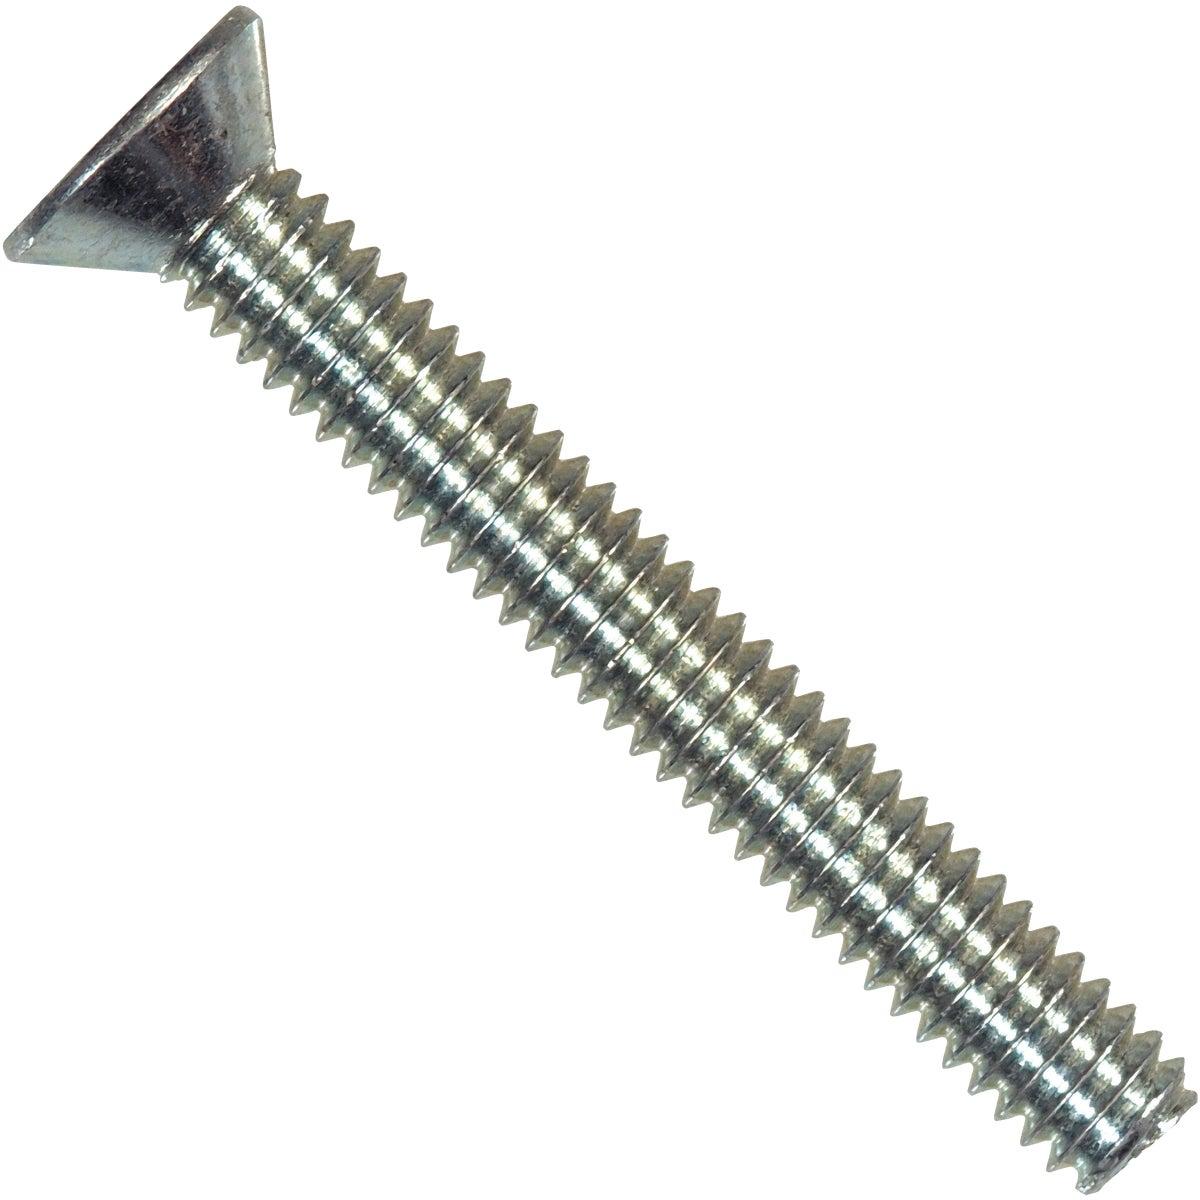 10-24X1-1/4 P MACH SCREW